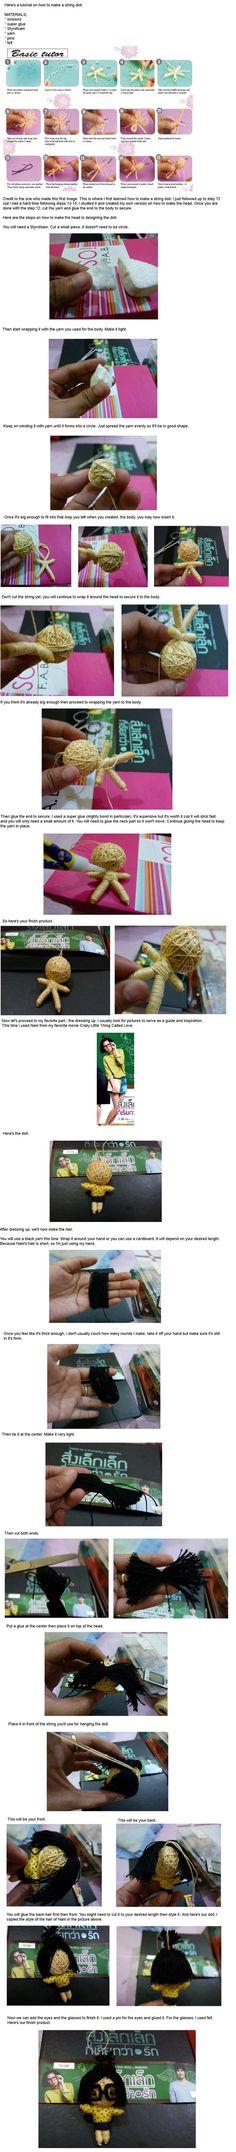 string doll tutorial by Em-Ar-Ae.deviantart.com on @DeviantArt